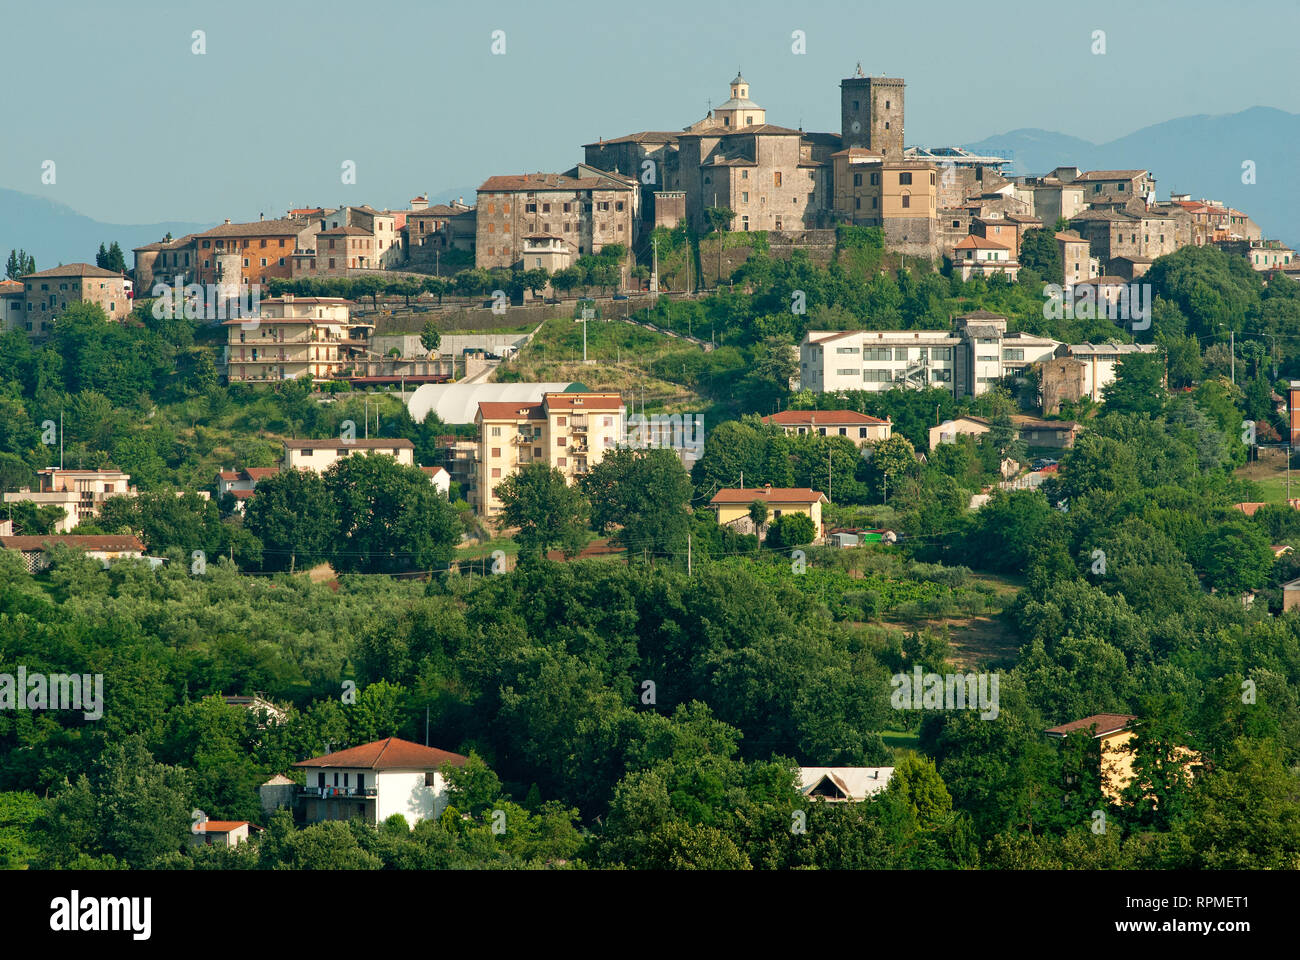 View of Pofi village, Lazio, Italy Stock Photo